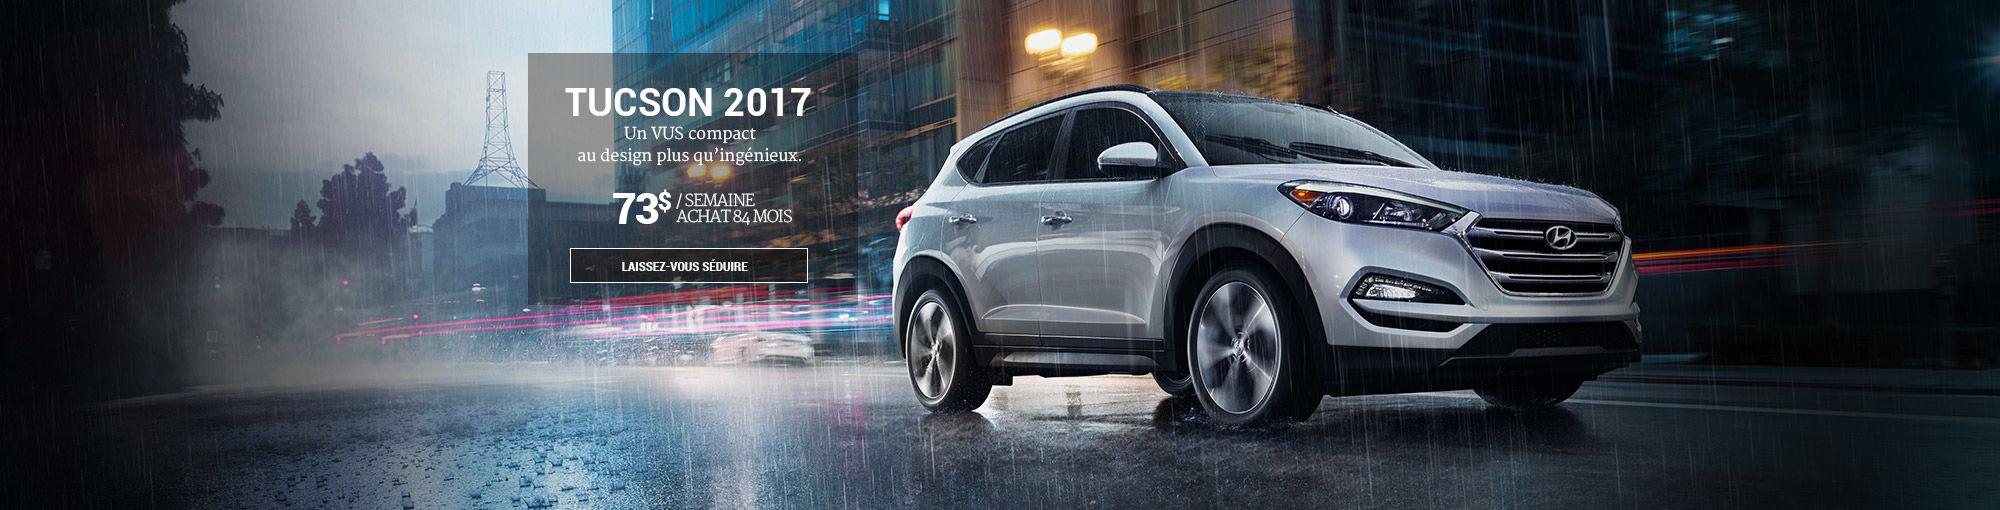 Hyundai Tucson 2017 header mars